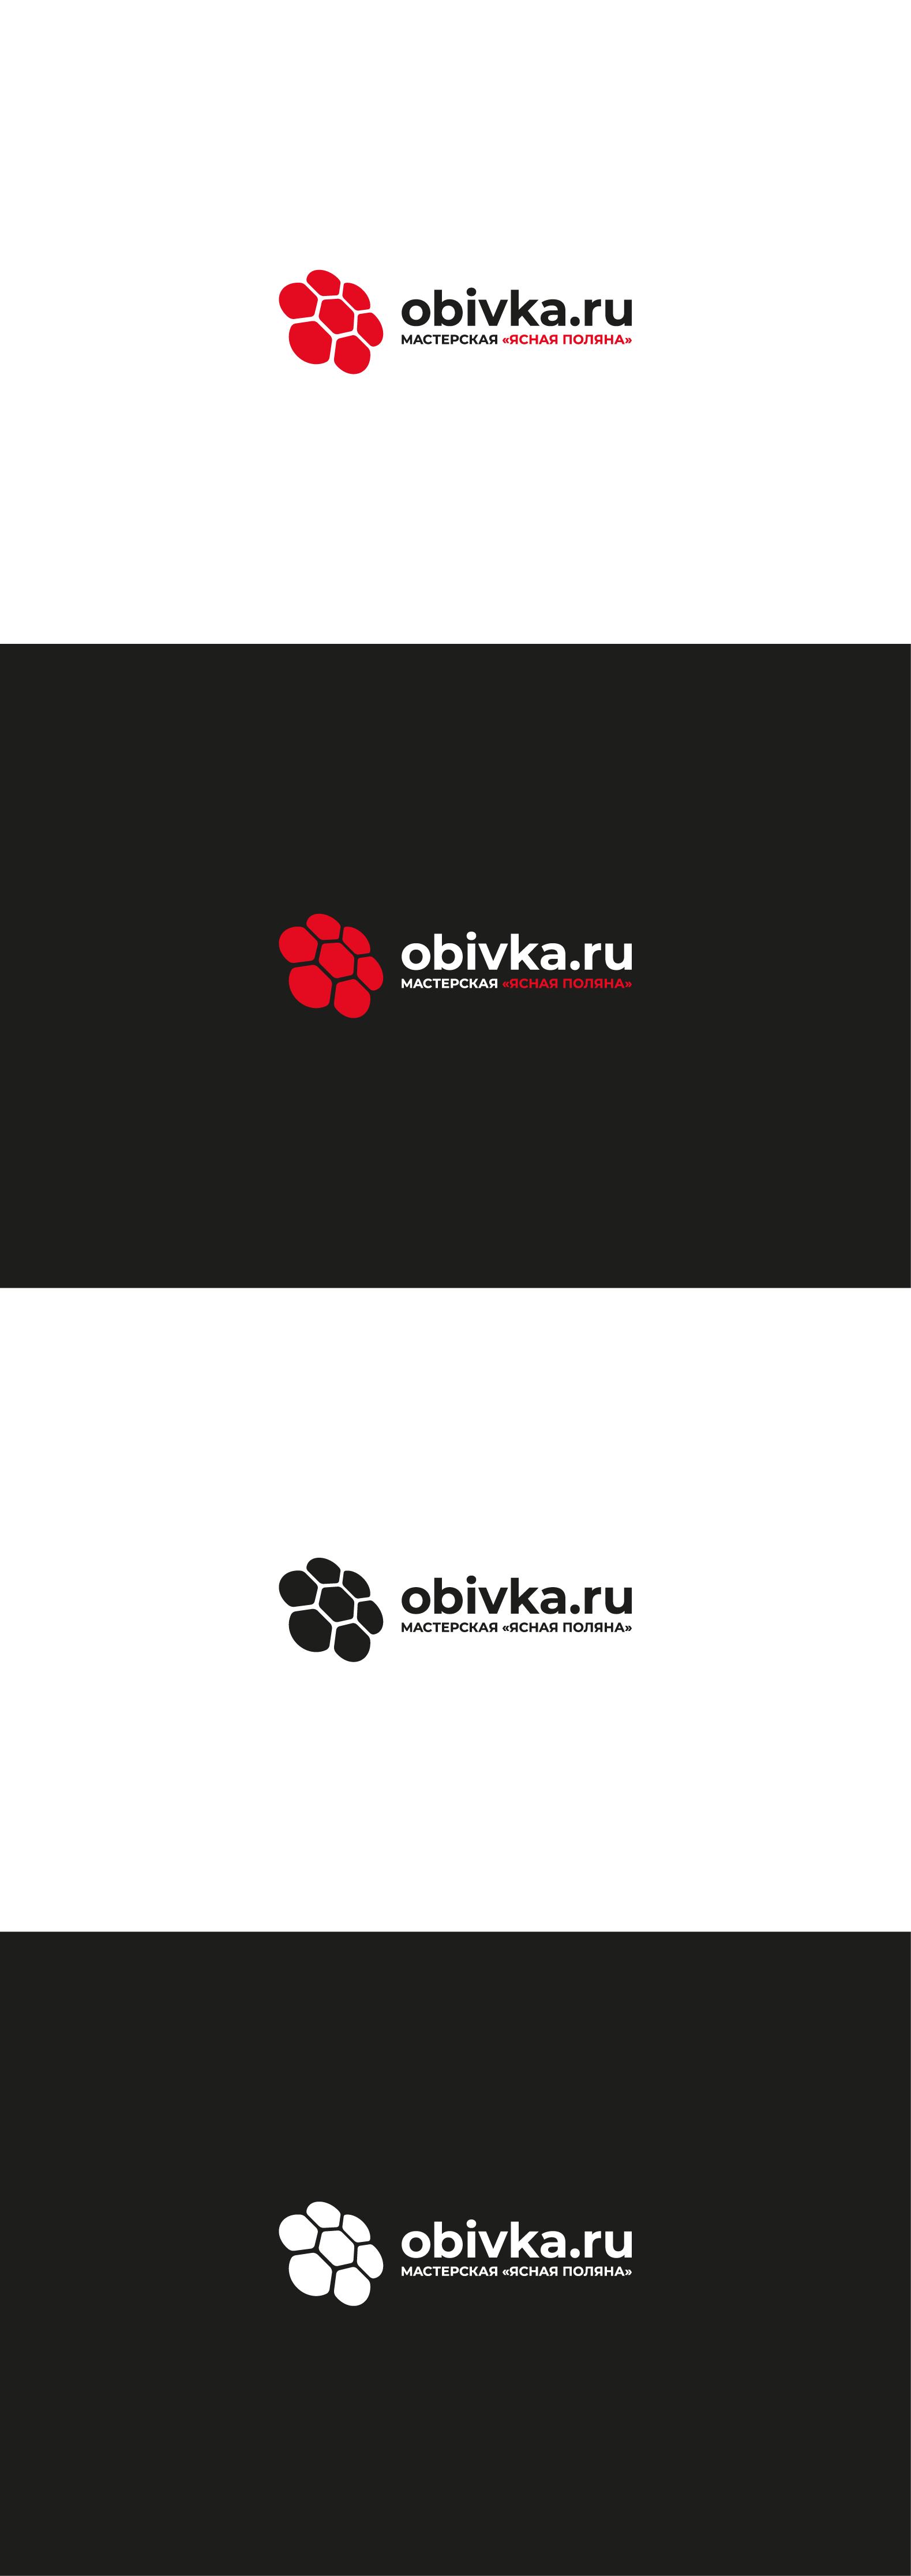 Логотип для сайта OBIVKA.RU фото f_0685c13ec9502221.png